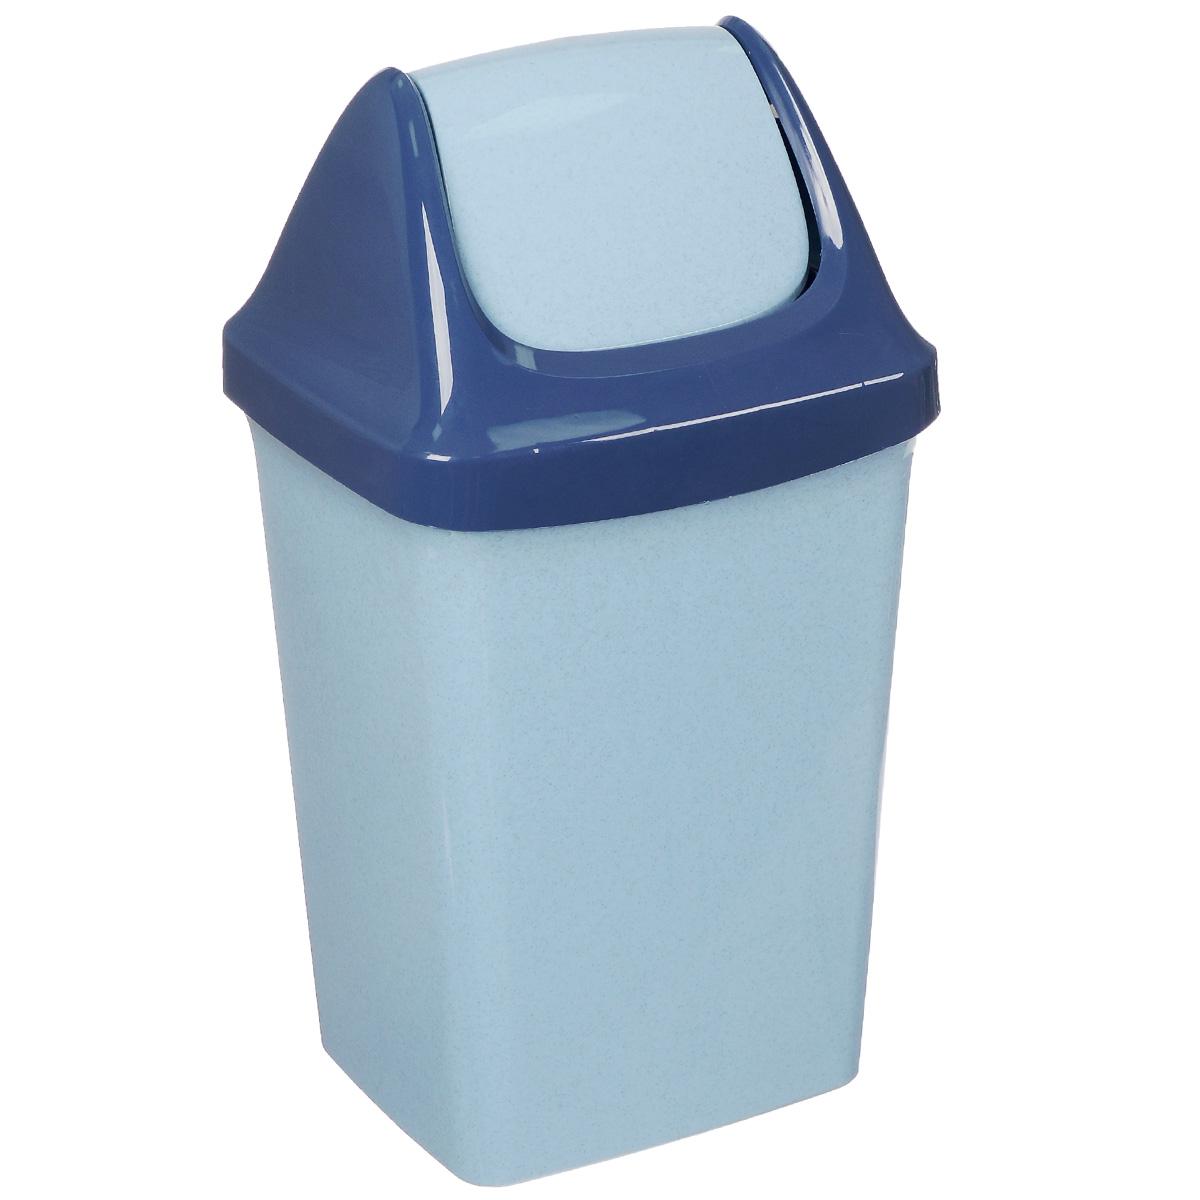 Контейнер для мусора Idea Ролл Топ, цвет: голубой мрамор, 15 лМ 2466Контейнер для мусора Idea Ролл Топ изготовлен из прочного полипропилена (пластика). Контейнер снабжен удобной съемной крышкой с подвижной перегородкой. Благодаря лаконичному дизайну такой контейнер идеально впишется в интерьер и дома, и офиса.